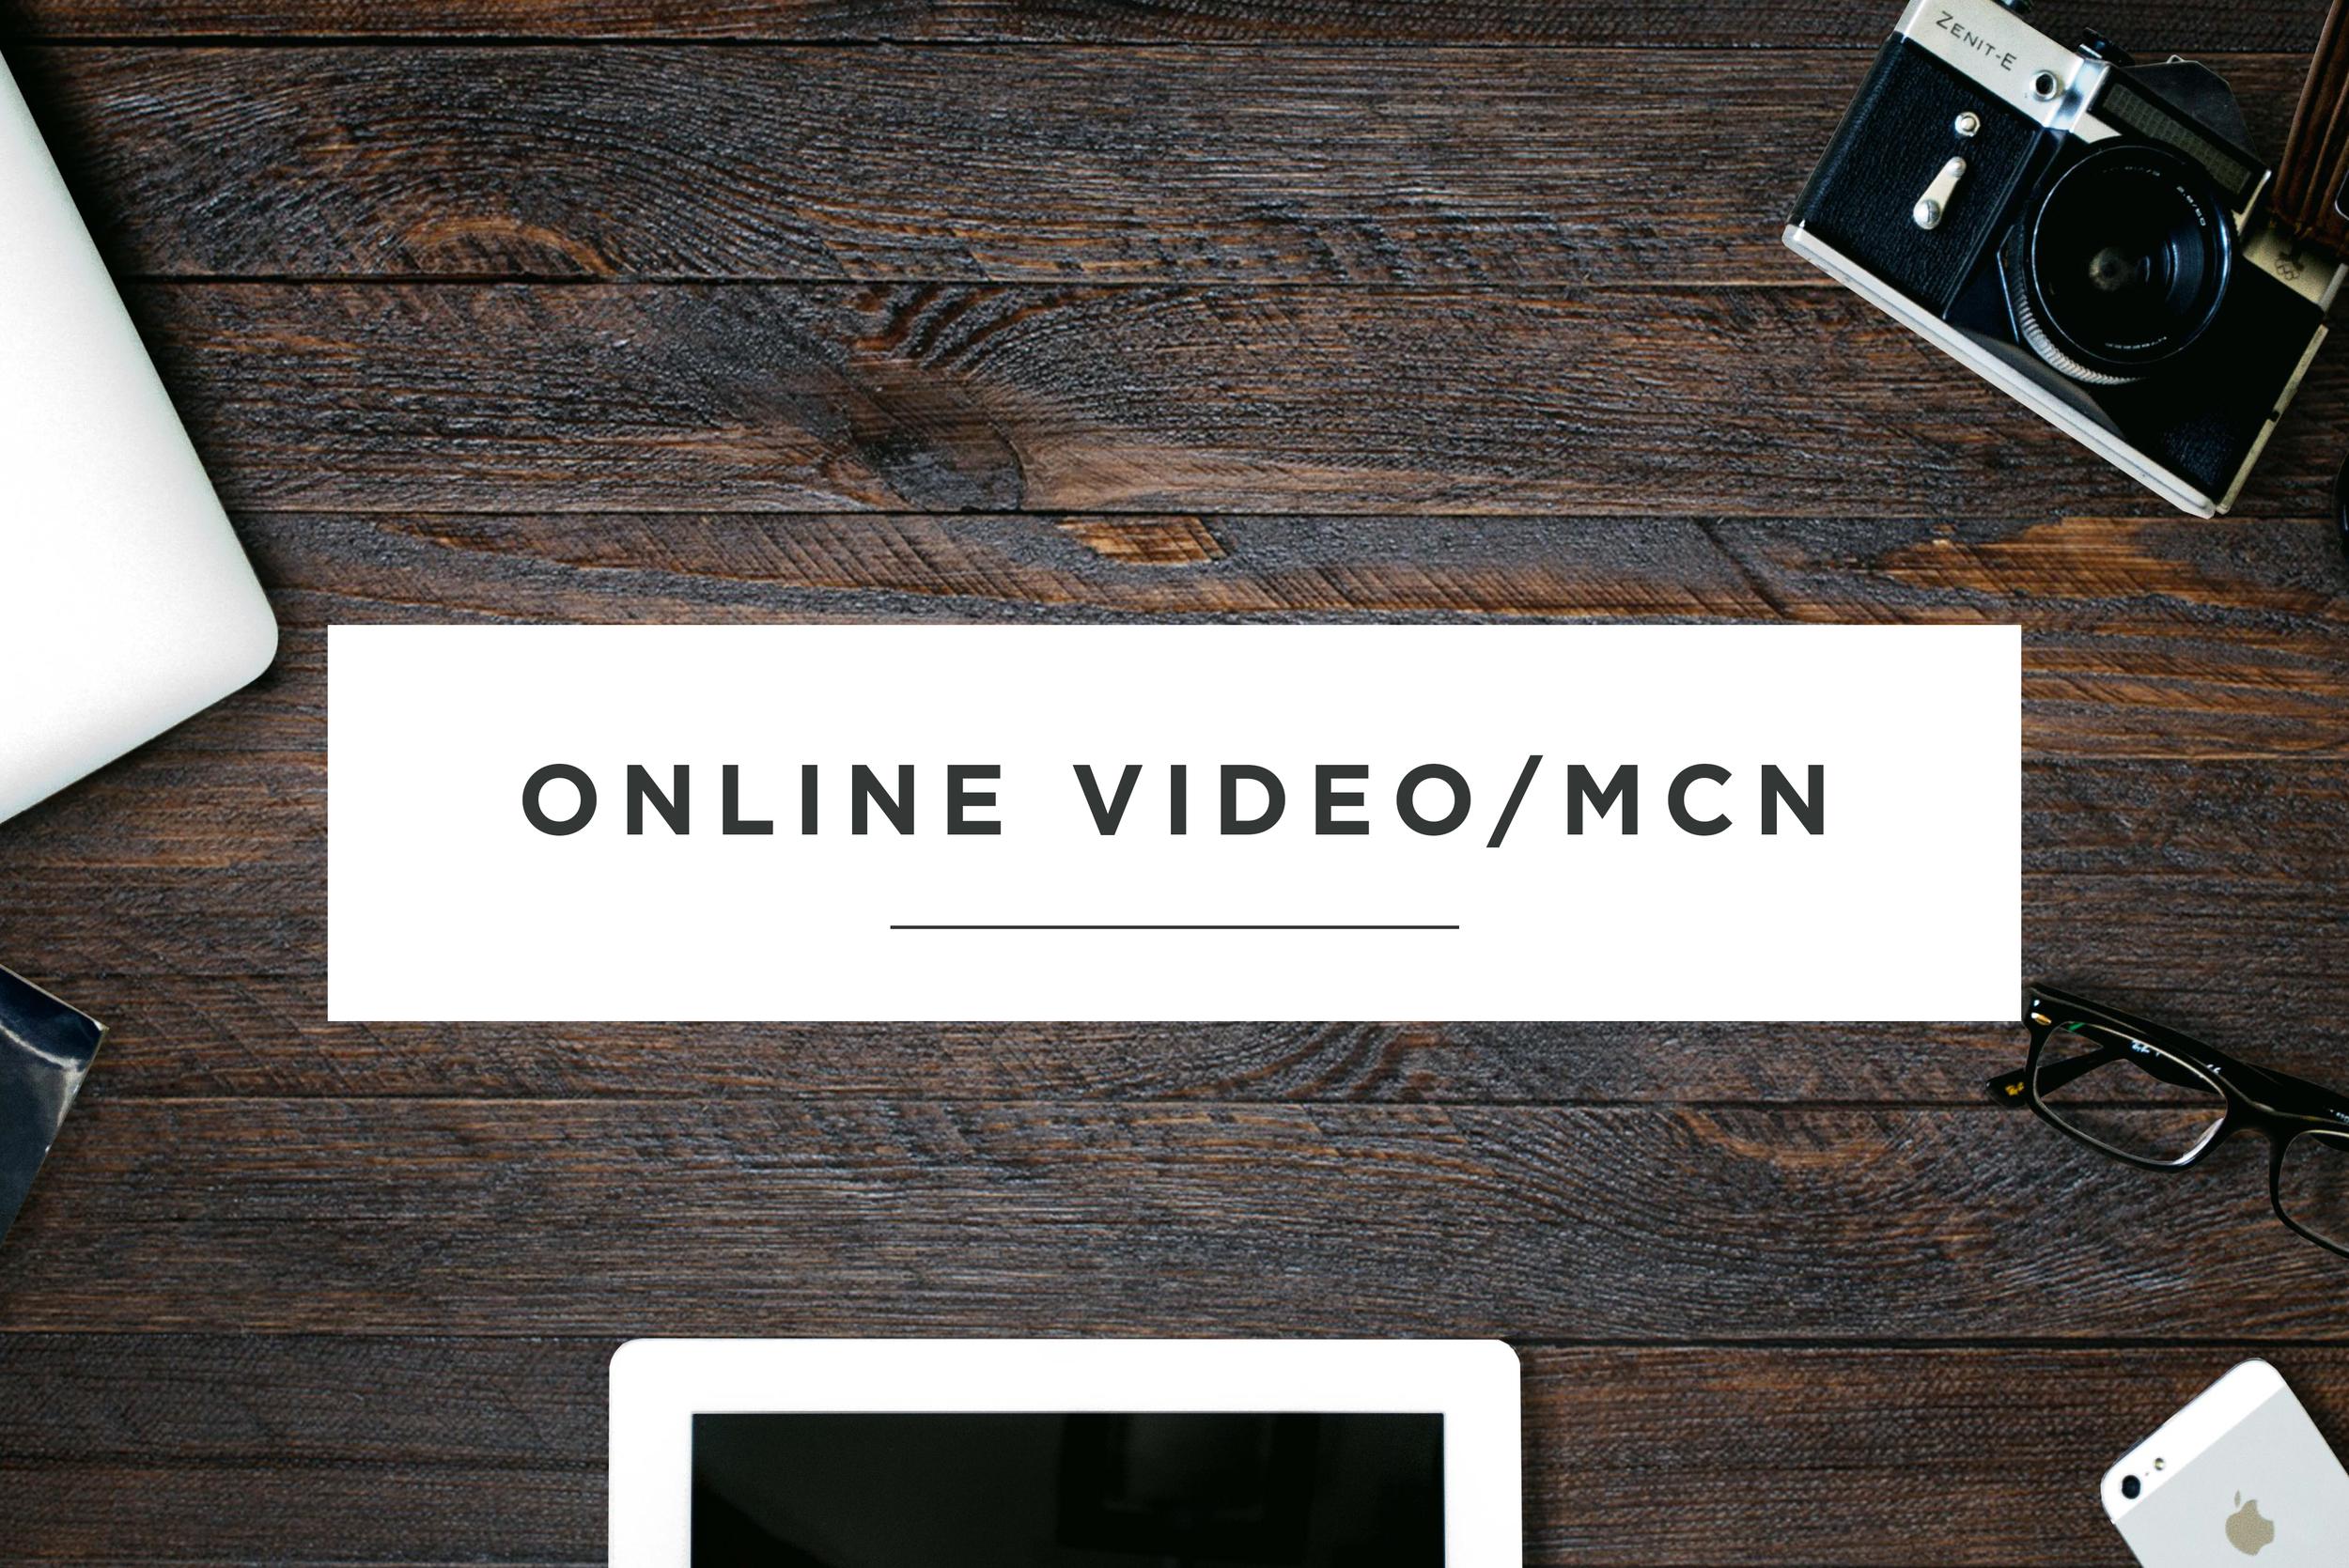 OnlineVideo_MCN_.jpg